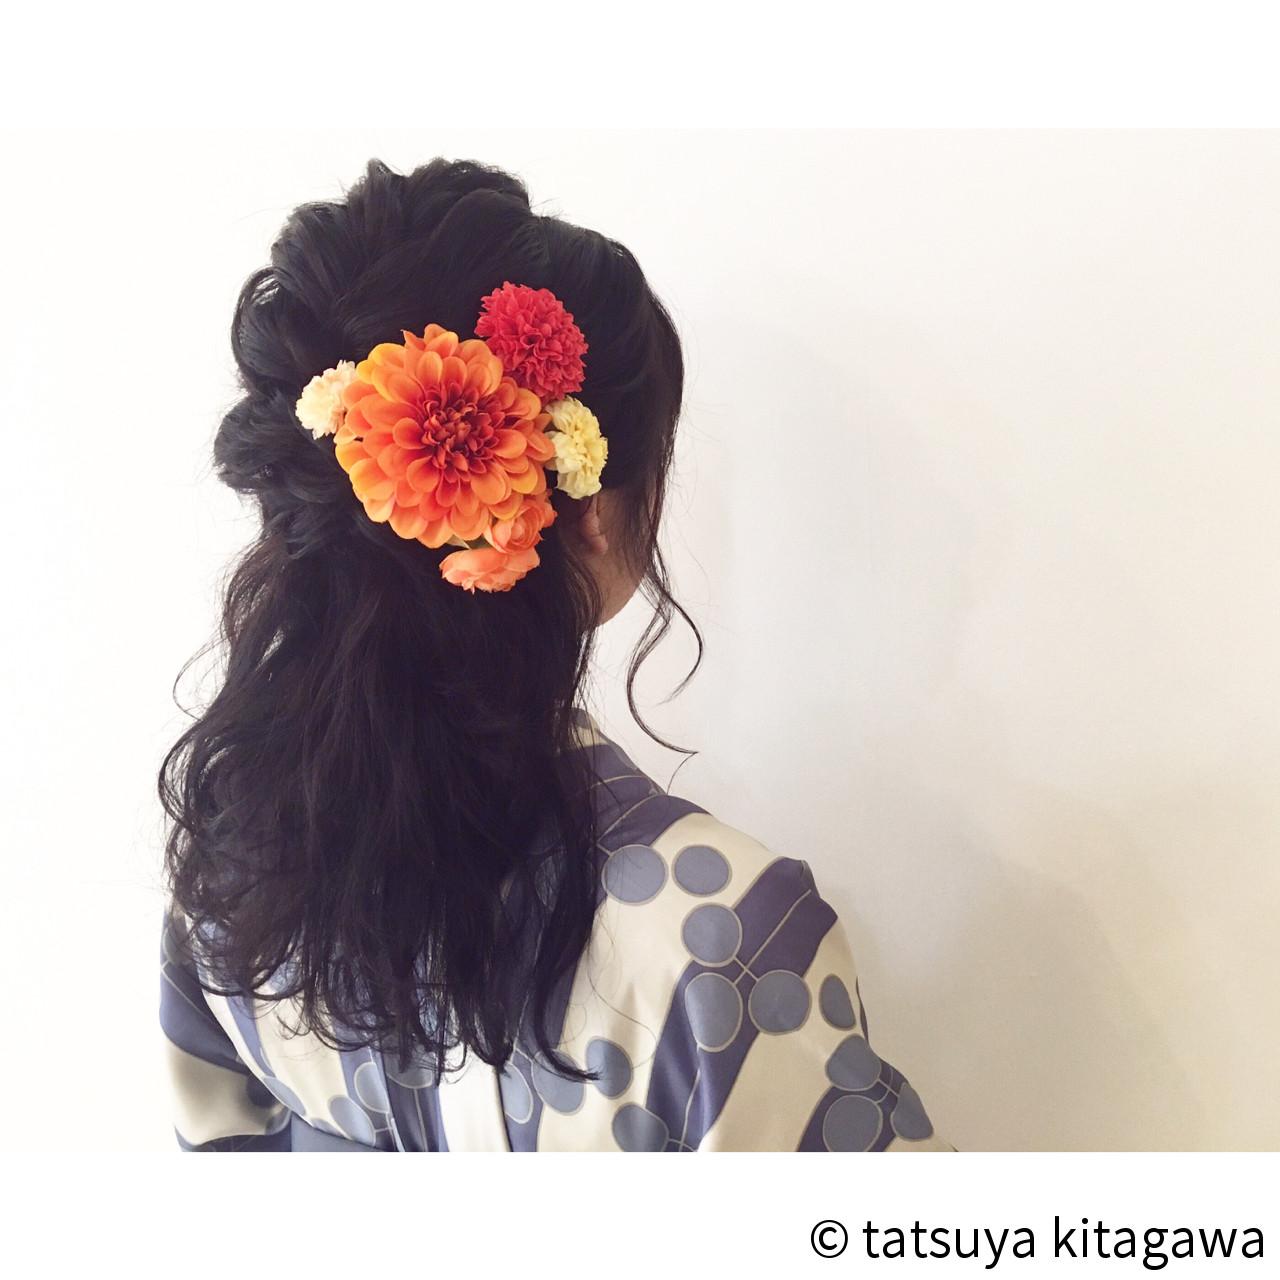 セミロング 結婚式 ハーフアップ フェミニン ヘアスタイルや髪型の写真・画像